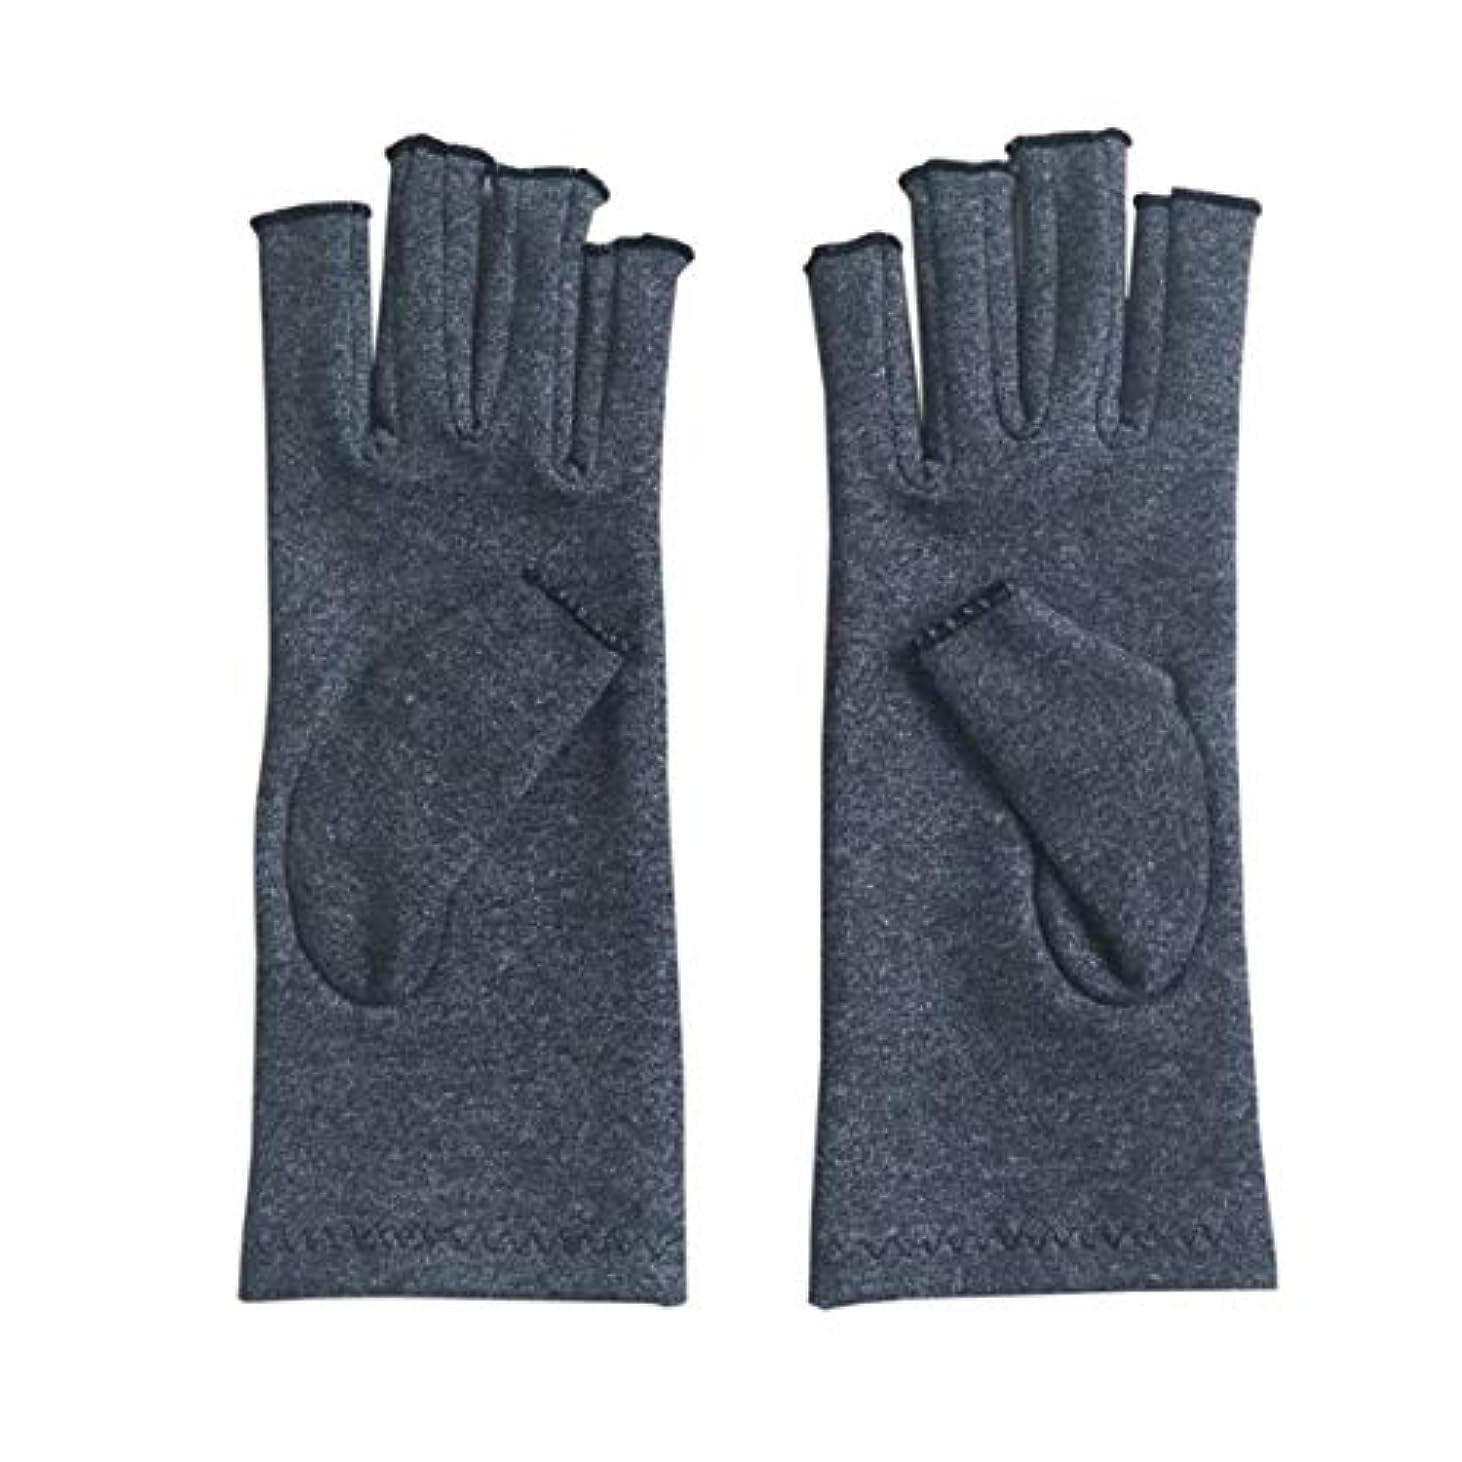 汚染されたひいきにする降臨Aペア/セットの快適な男性の女性療法の圧縮手袋ソリッドカラーの通気性関節炎関節痛軽減手袋 - グレーL